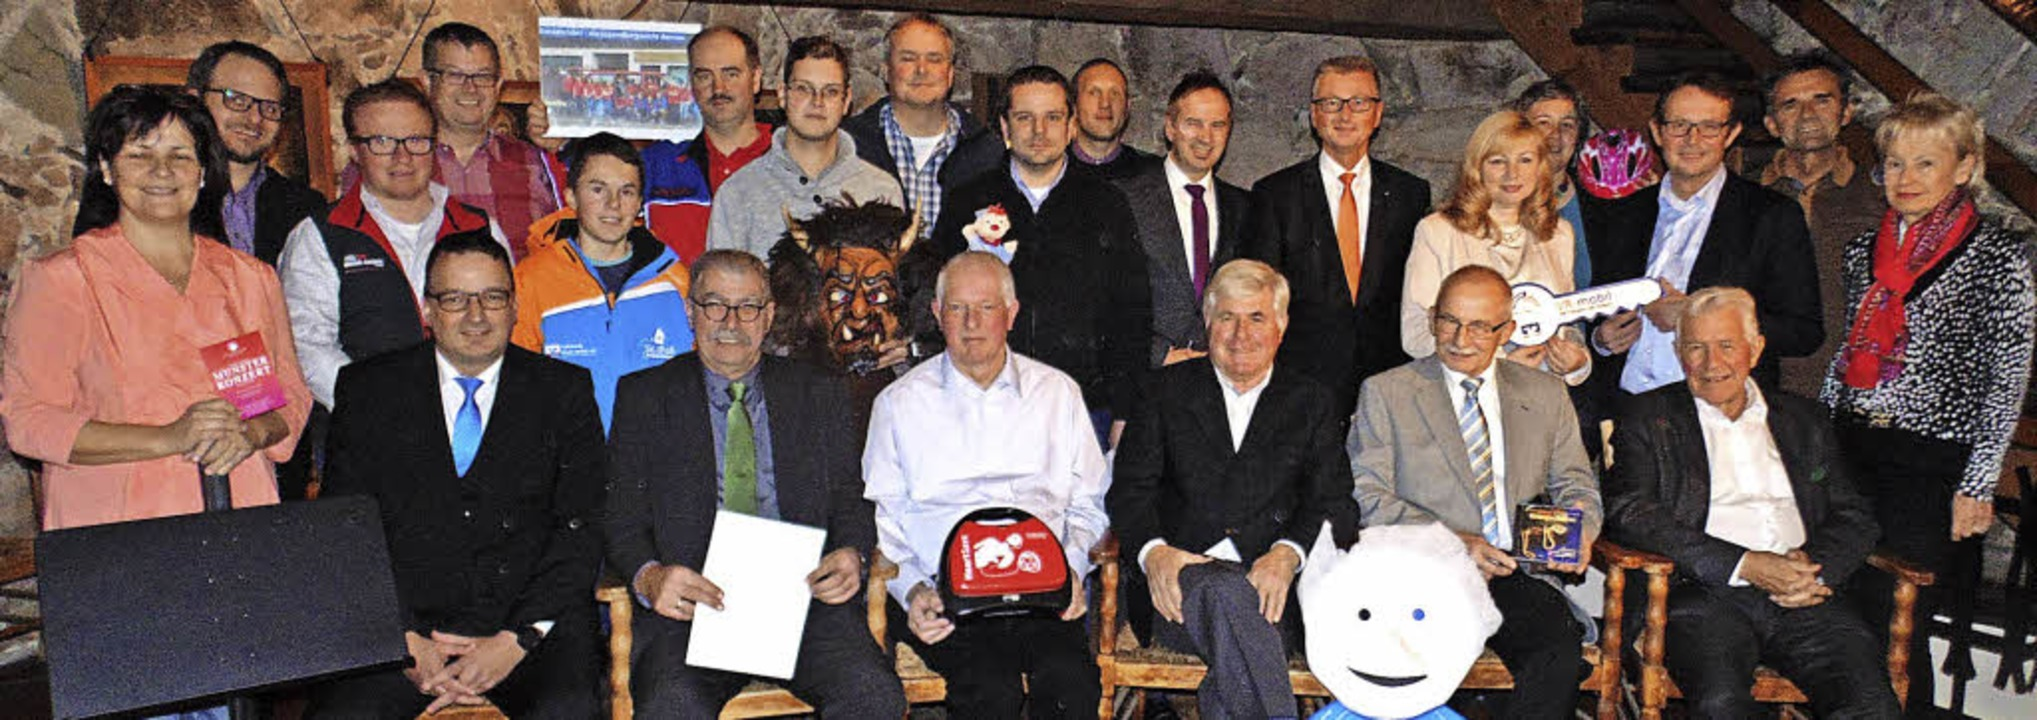 Die Volksbank Rhein-Wehra übergab die ...dem Gewinnsparen an Vereinsvertreter.   | Foto: Michael Gottstein